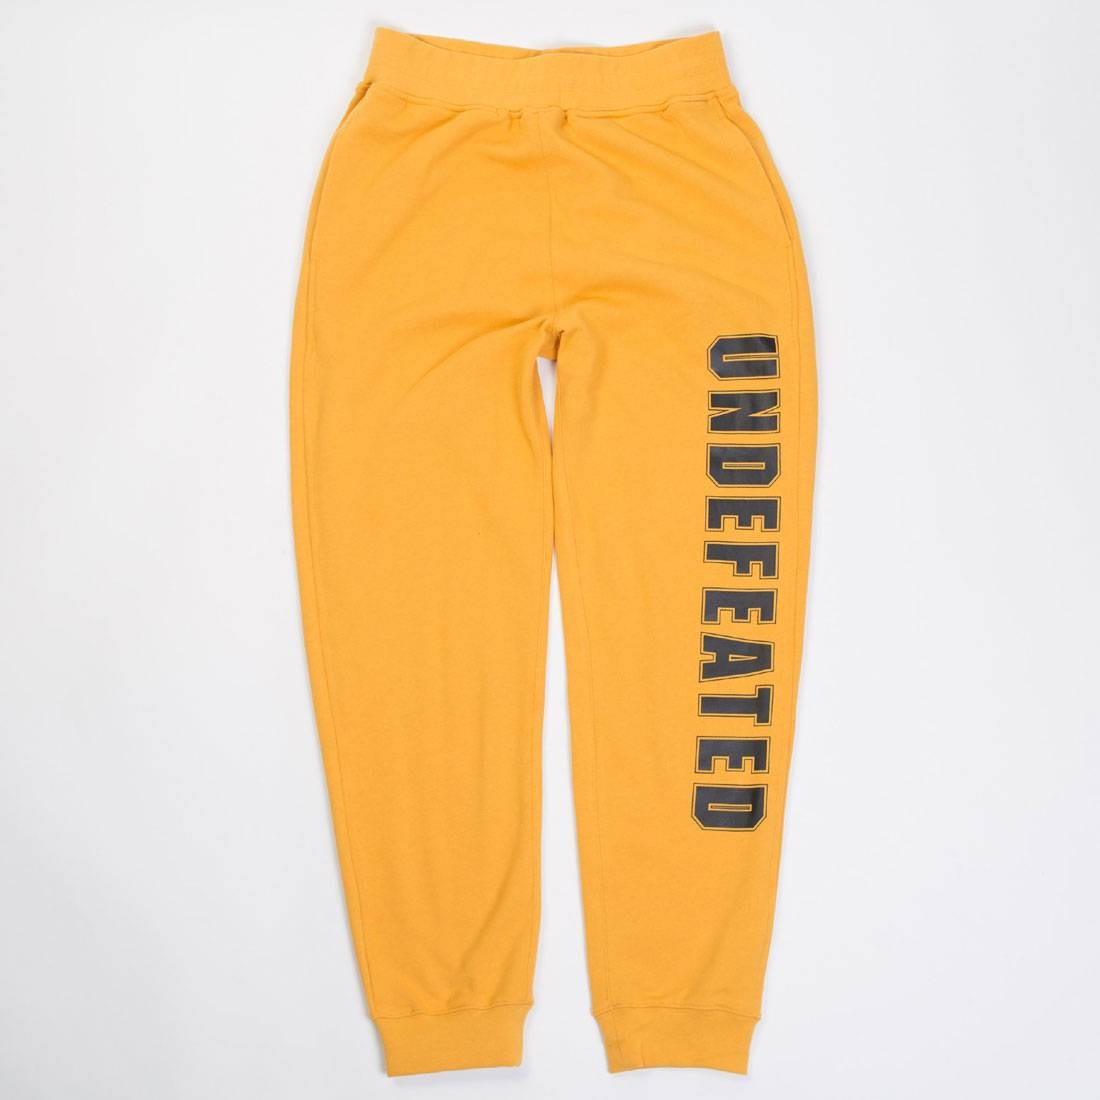 【海外限定】ズボン メンズファッション 【 UNDEFEATED MEN COMPACT SWEATPANTS GOLD 】